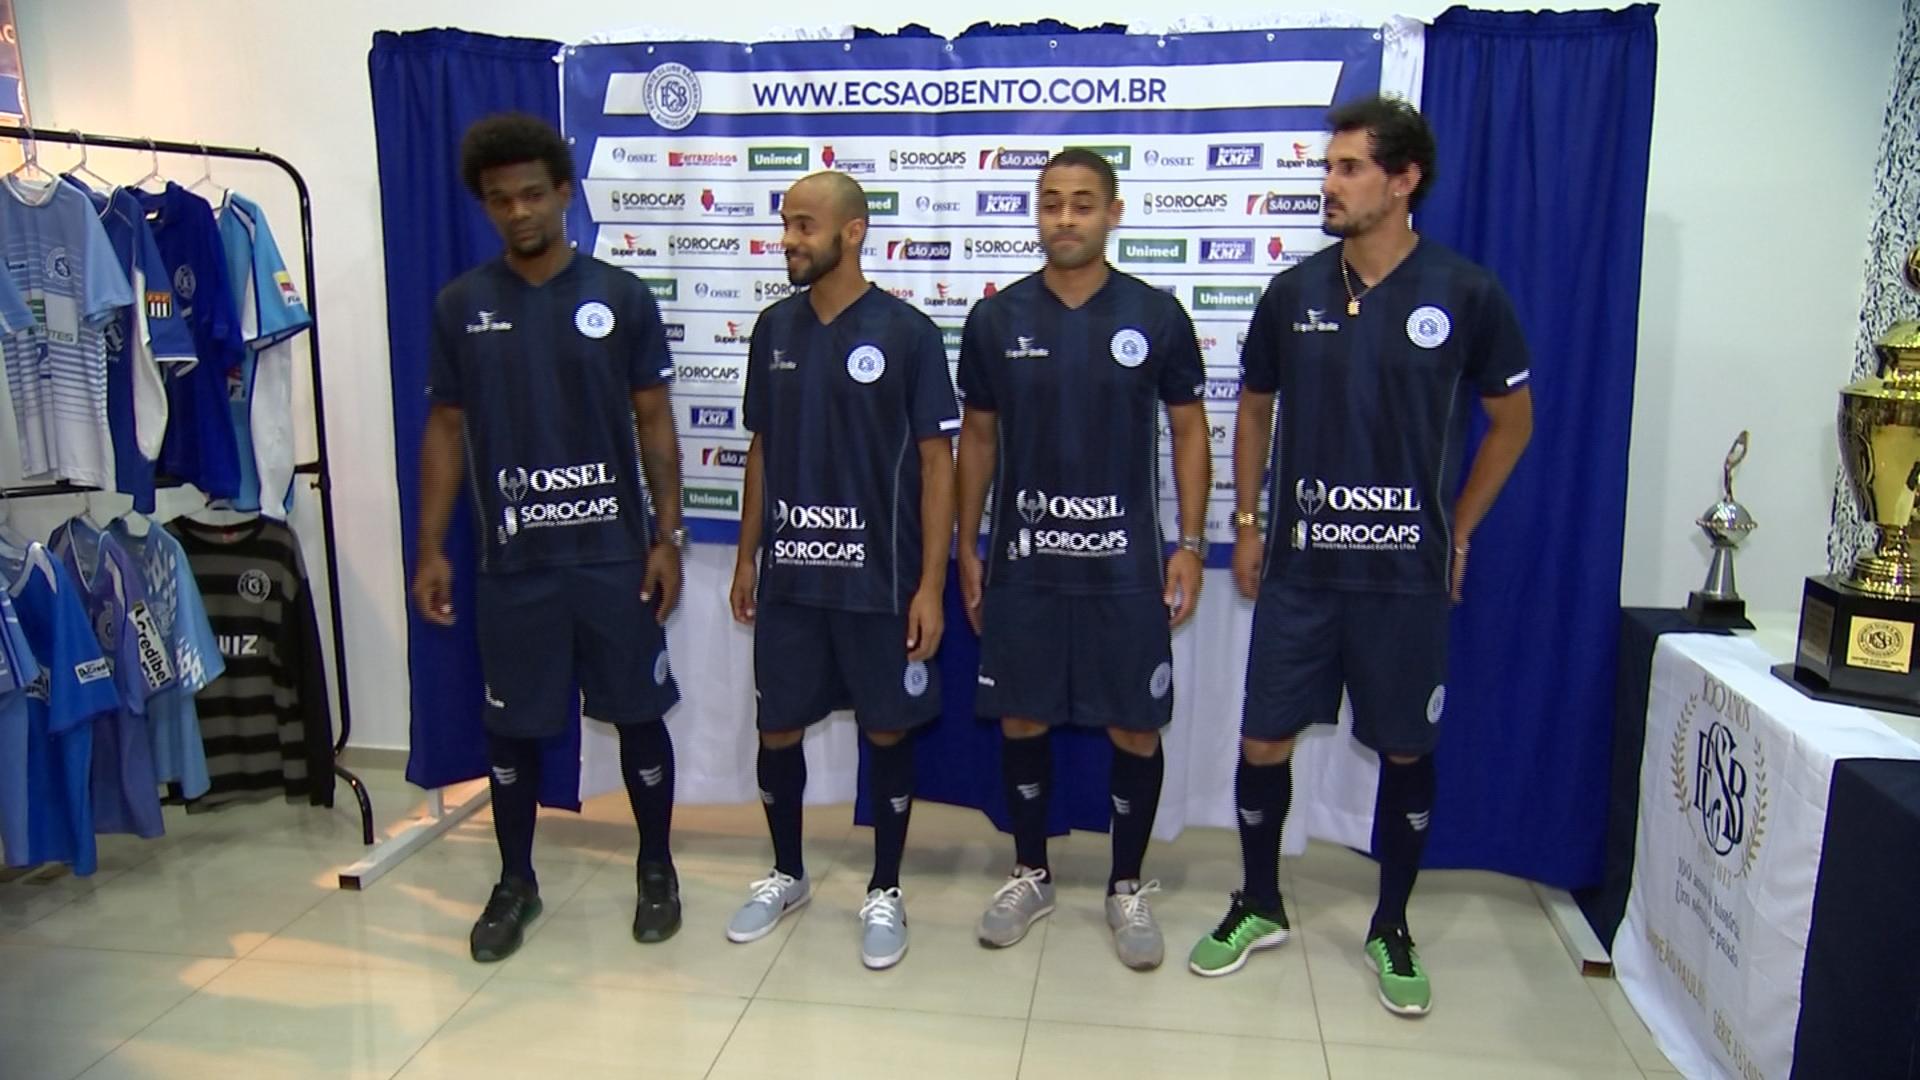 São Bento apresenta nova terceira camisa com mistura de tons de azul f814c2a7ce4c0